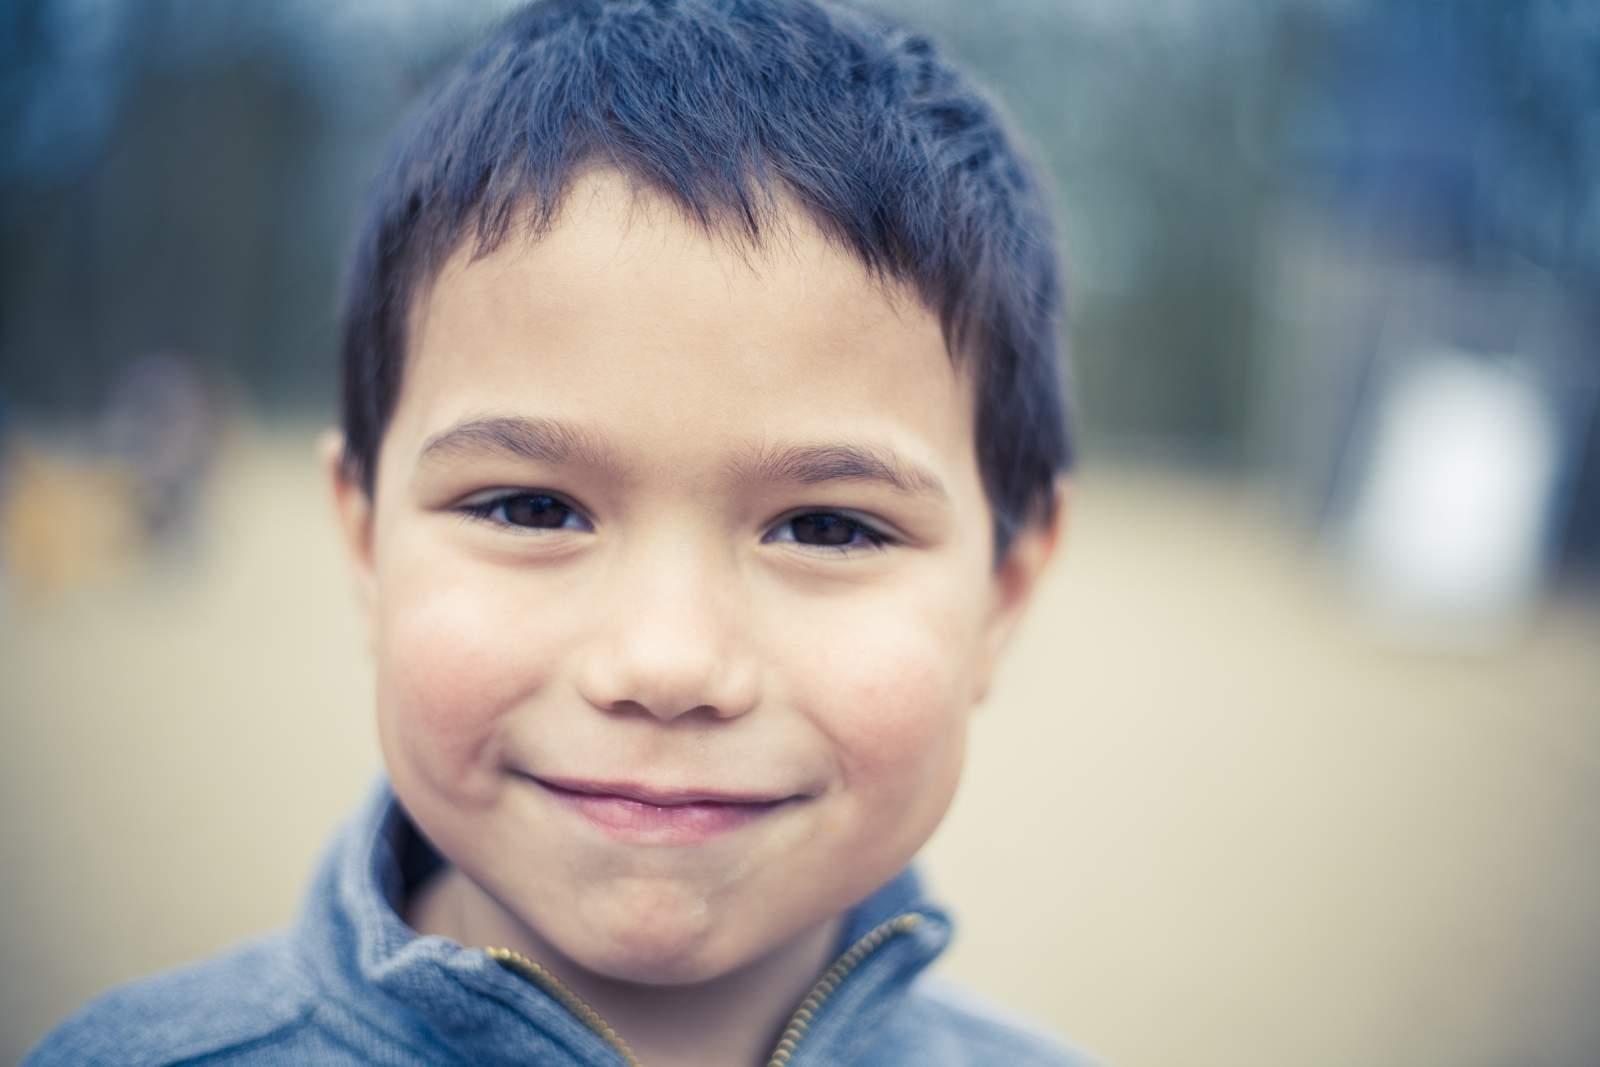 Fotografo profesional de retratos de familia y ninos en el DF Mexico